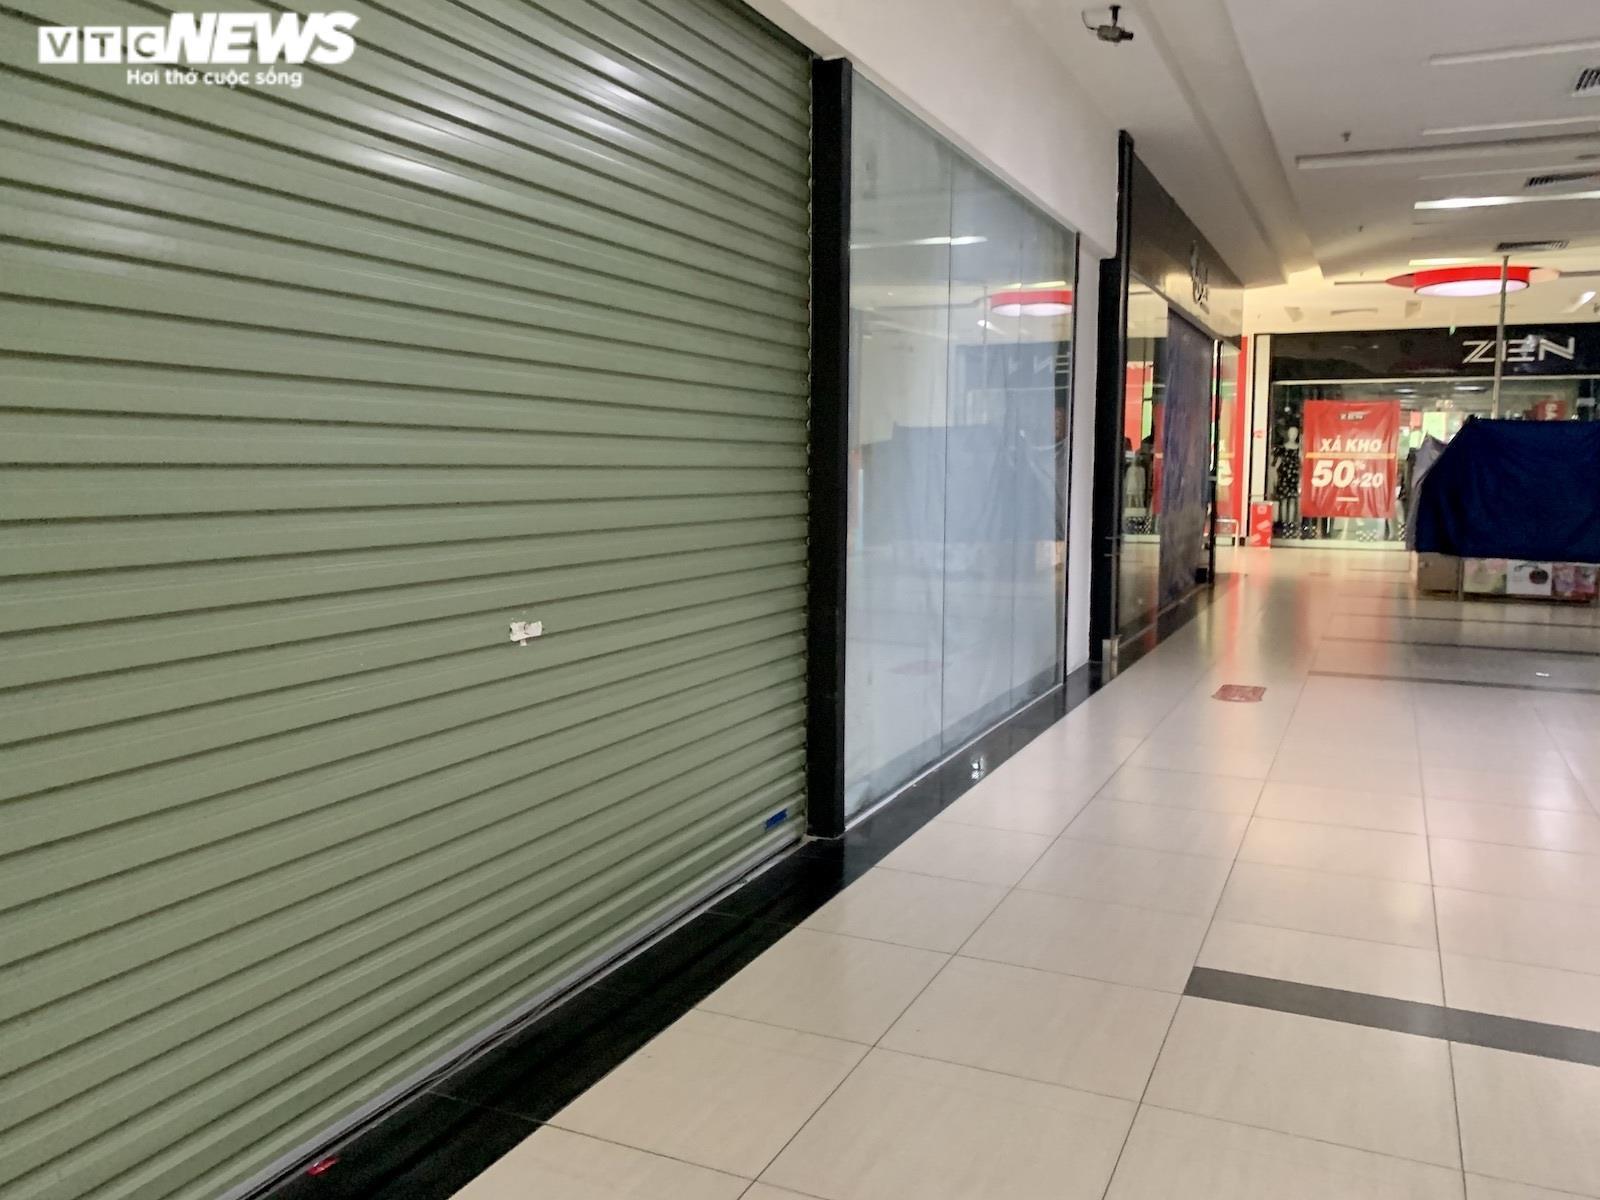 Hà Nội nới lỏng giãn cách, trung tâm thương mại vẫn ngủ vùi trong vắng lặng - 9